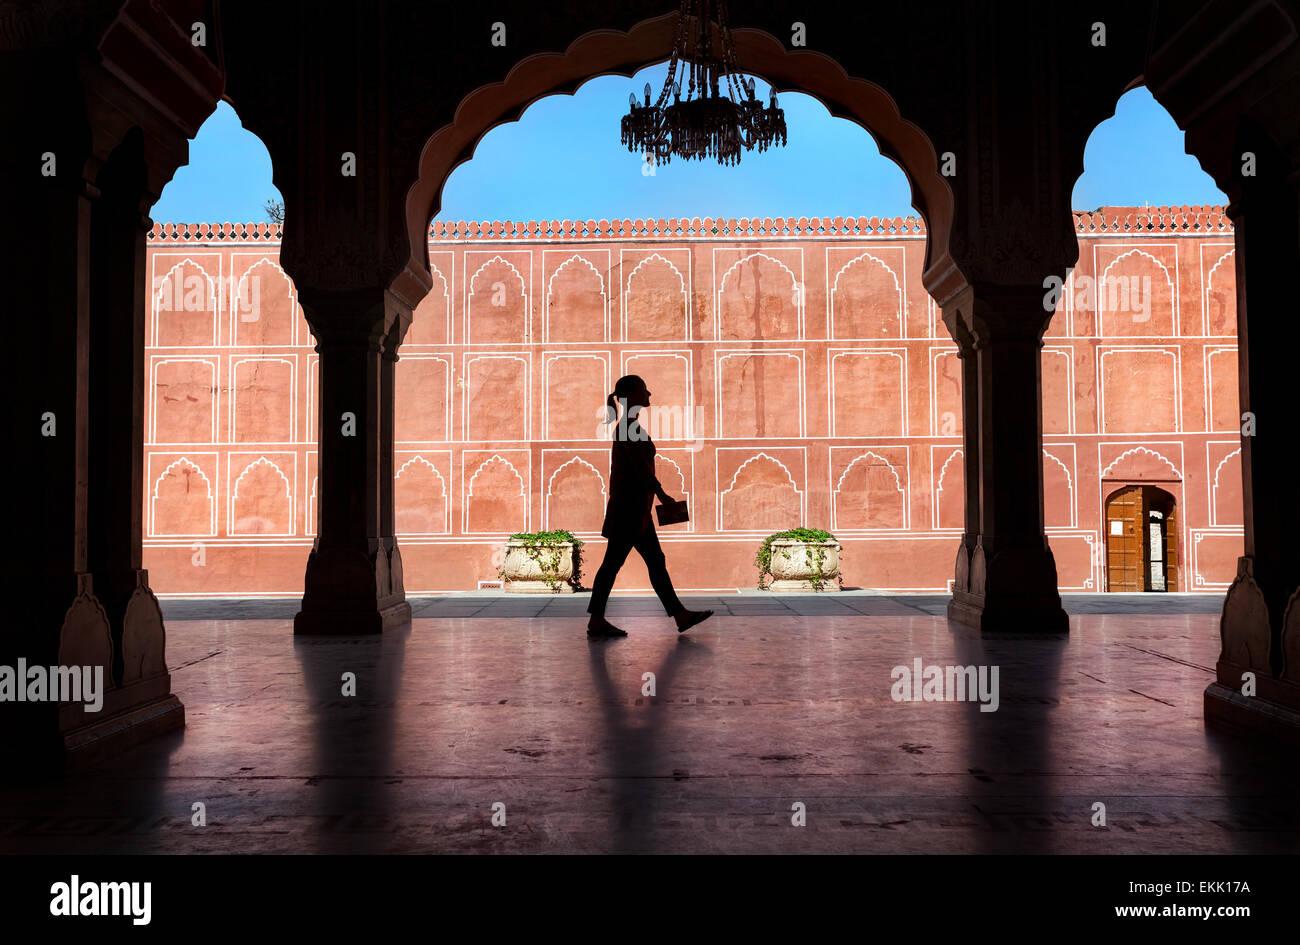 Frauen-Silhouette mit Führer zu Fuß in die City Palace Museum, Jaipur, Rajasthan, Indien Stockbild